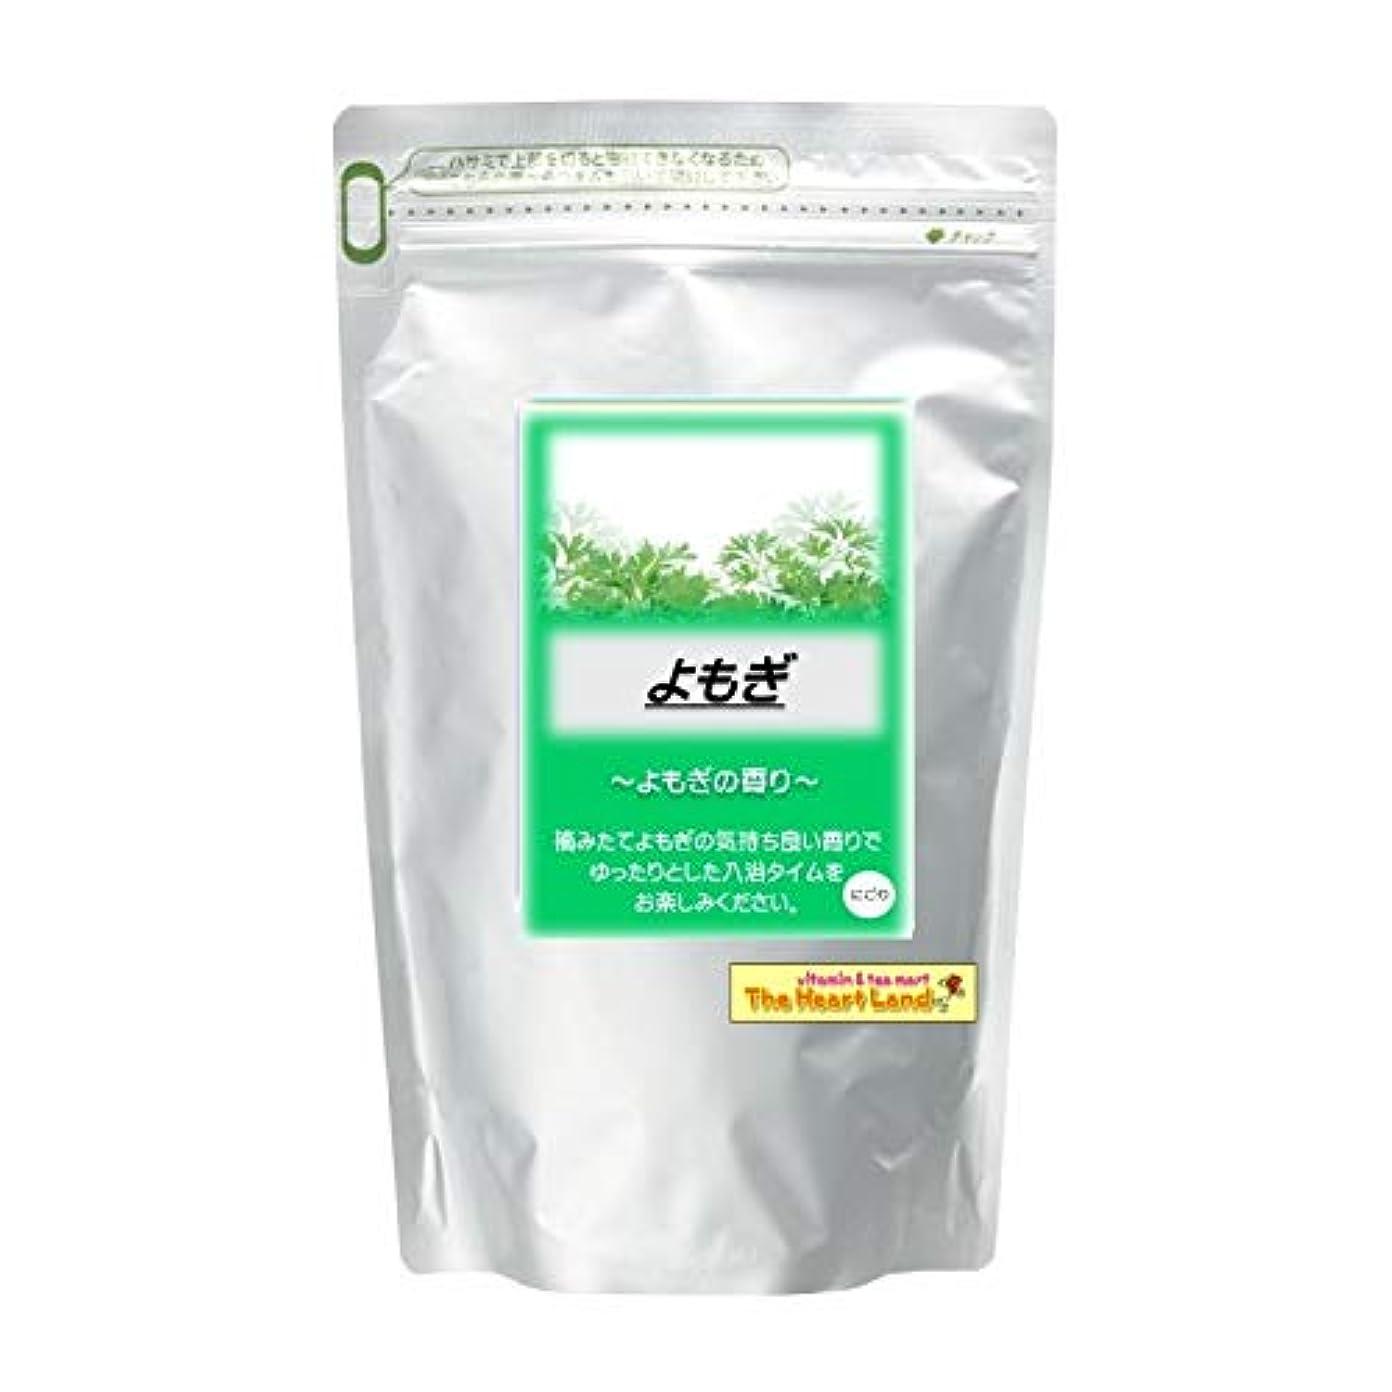 増幅する今までホイットニーアサヒ入浴剤 浴用入浴化粧品 よもぎ 2.5kg